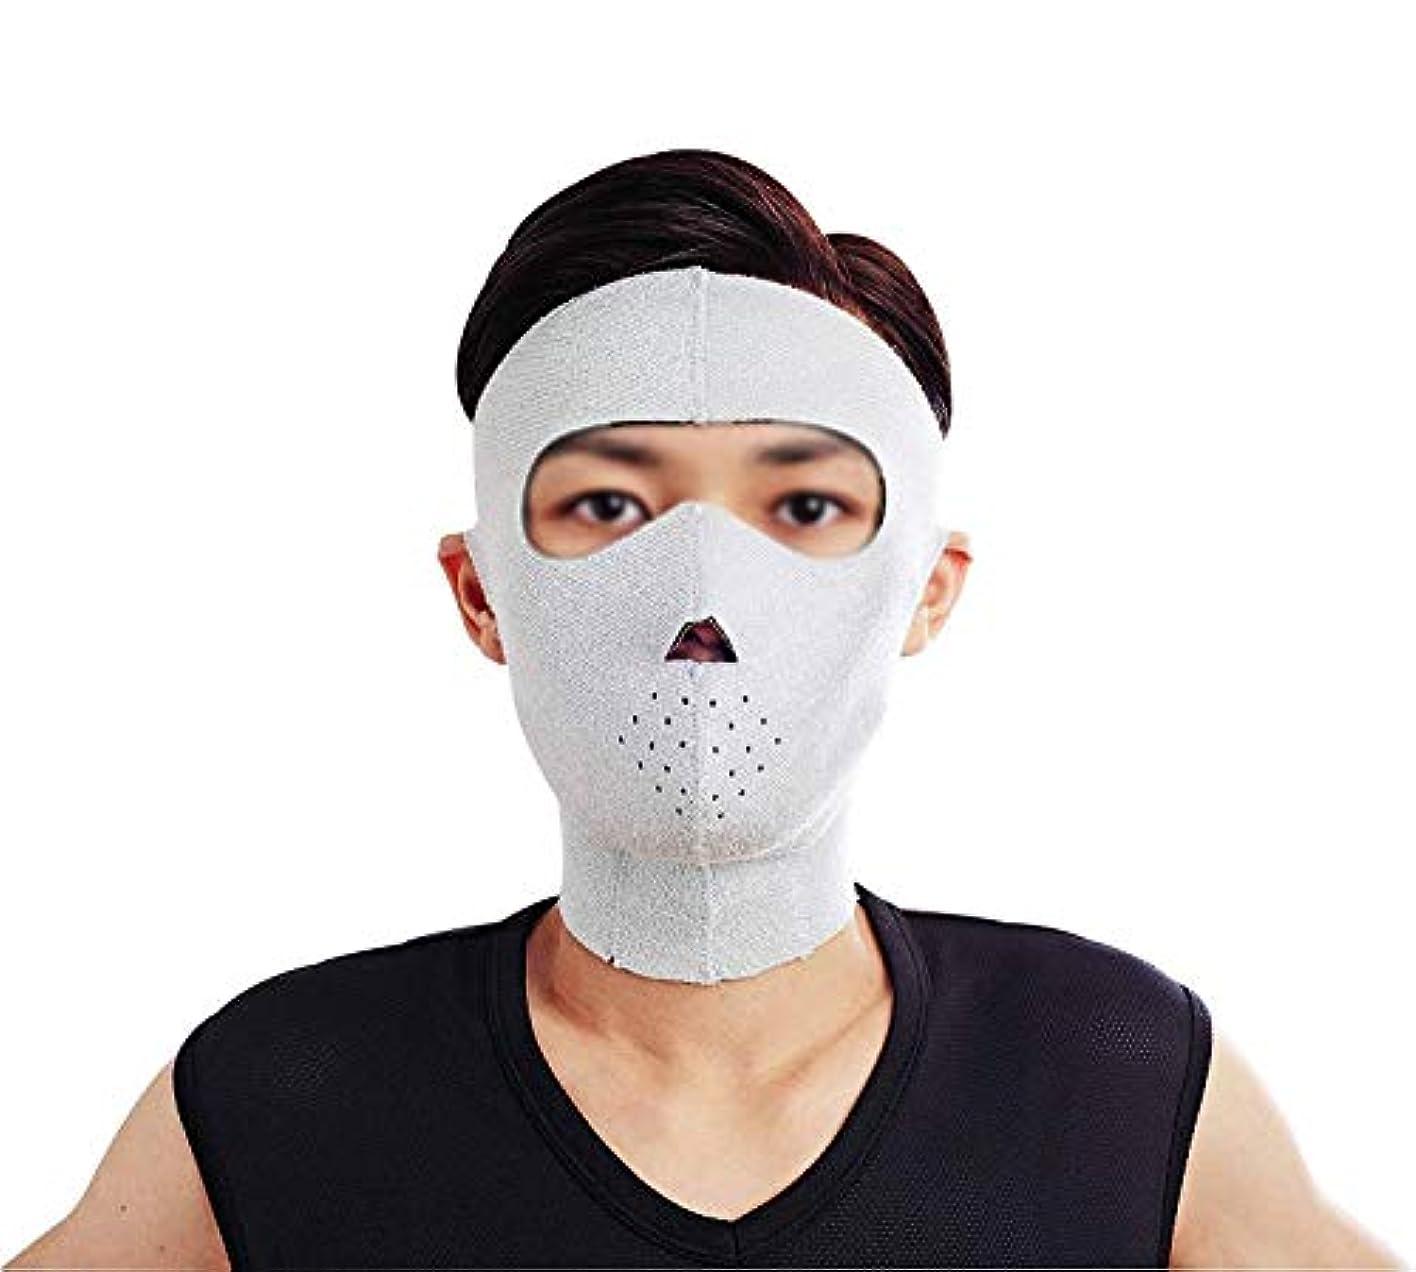 サージ病的偽物フェイスリフトマスク、フェイシャルマスクプラス薄いフェイスマスクタイトなたるみの薄いフェイスマスクフェイシャル薄いフェイスマスクアーティファクトビューティー男性ネックストラップ付き